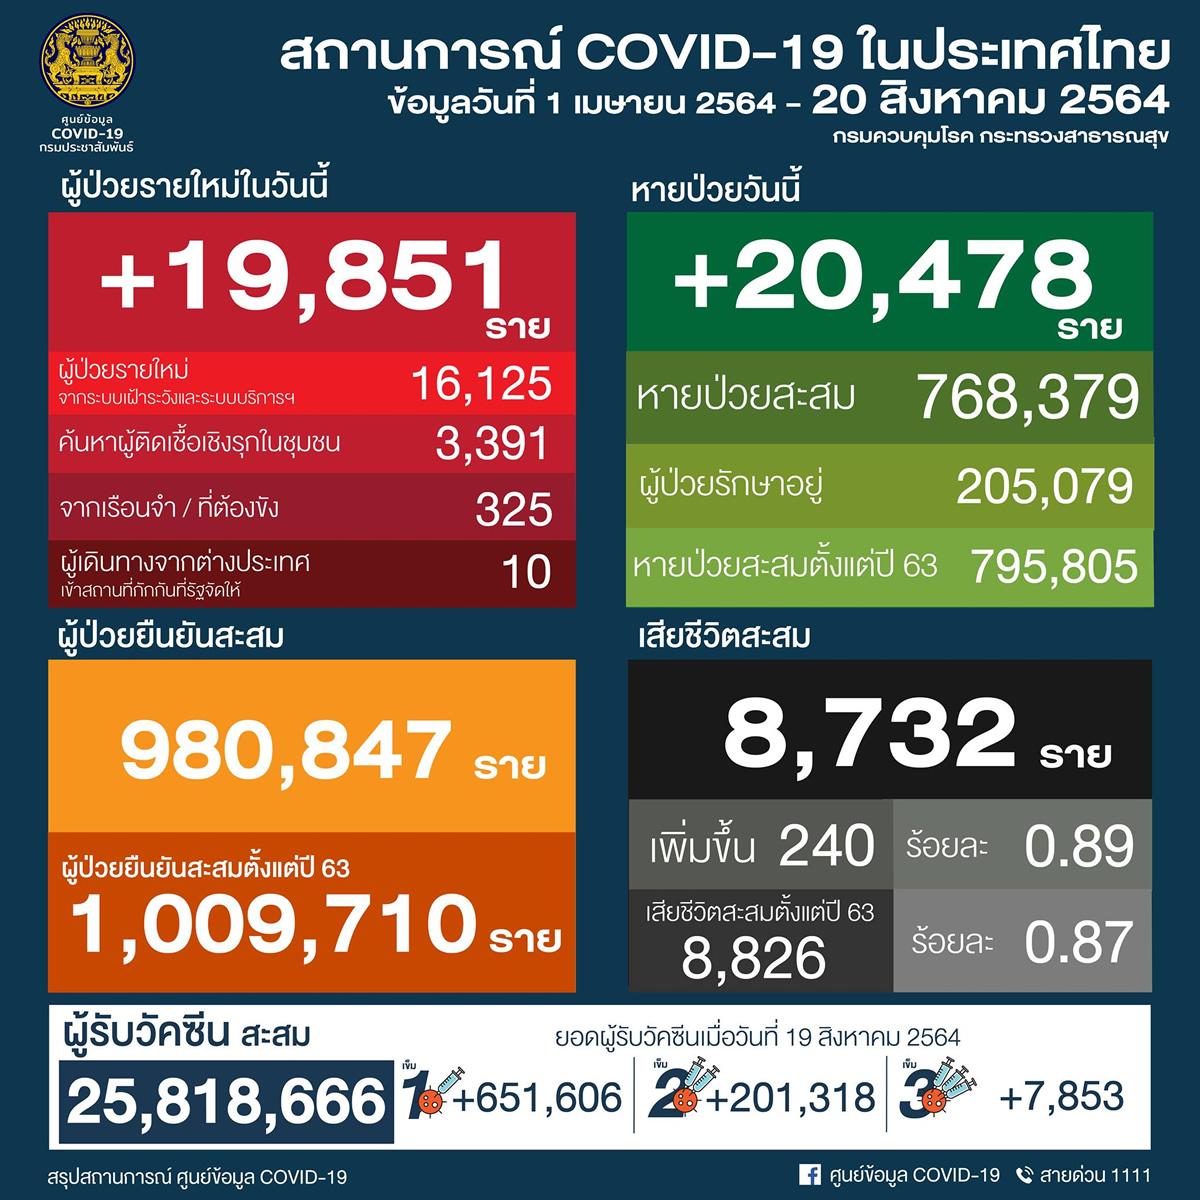 タイ 19,851人陽性 240人死亡/バンコク 4,181人陽性 75人死亡/プーケット 129人陽性[2021年8月20日発表]